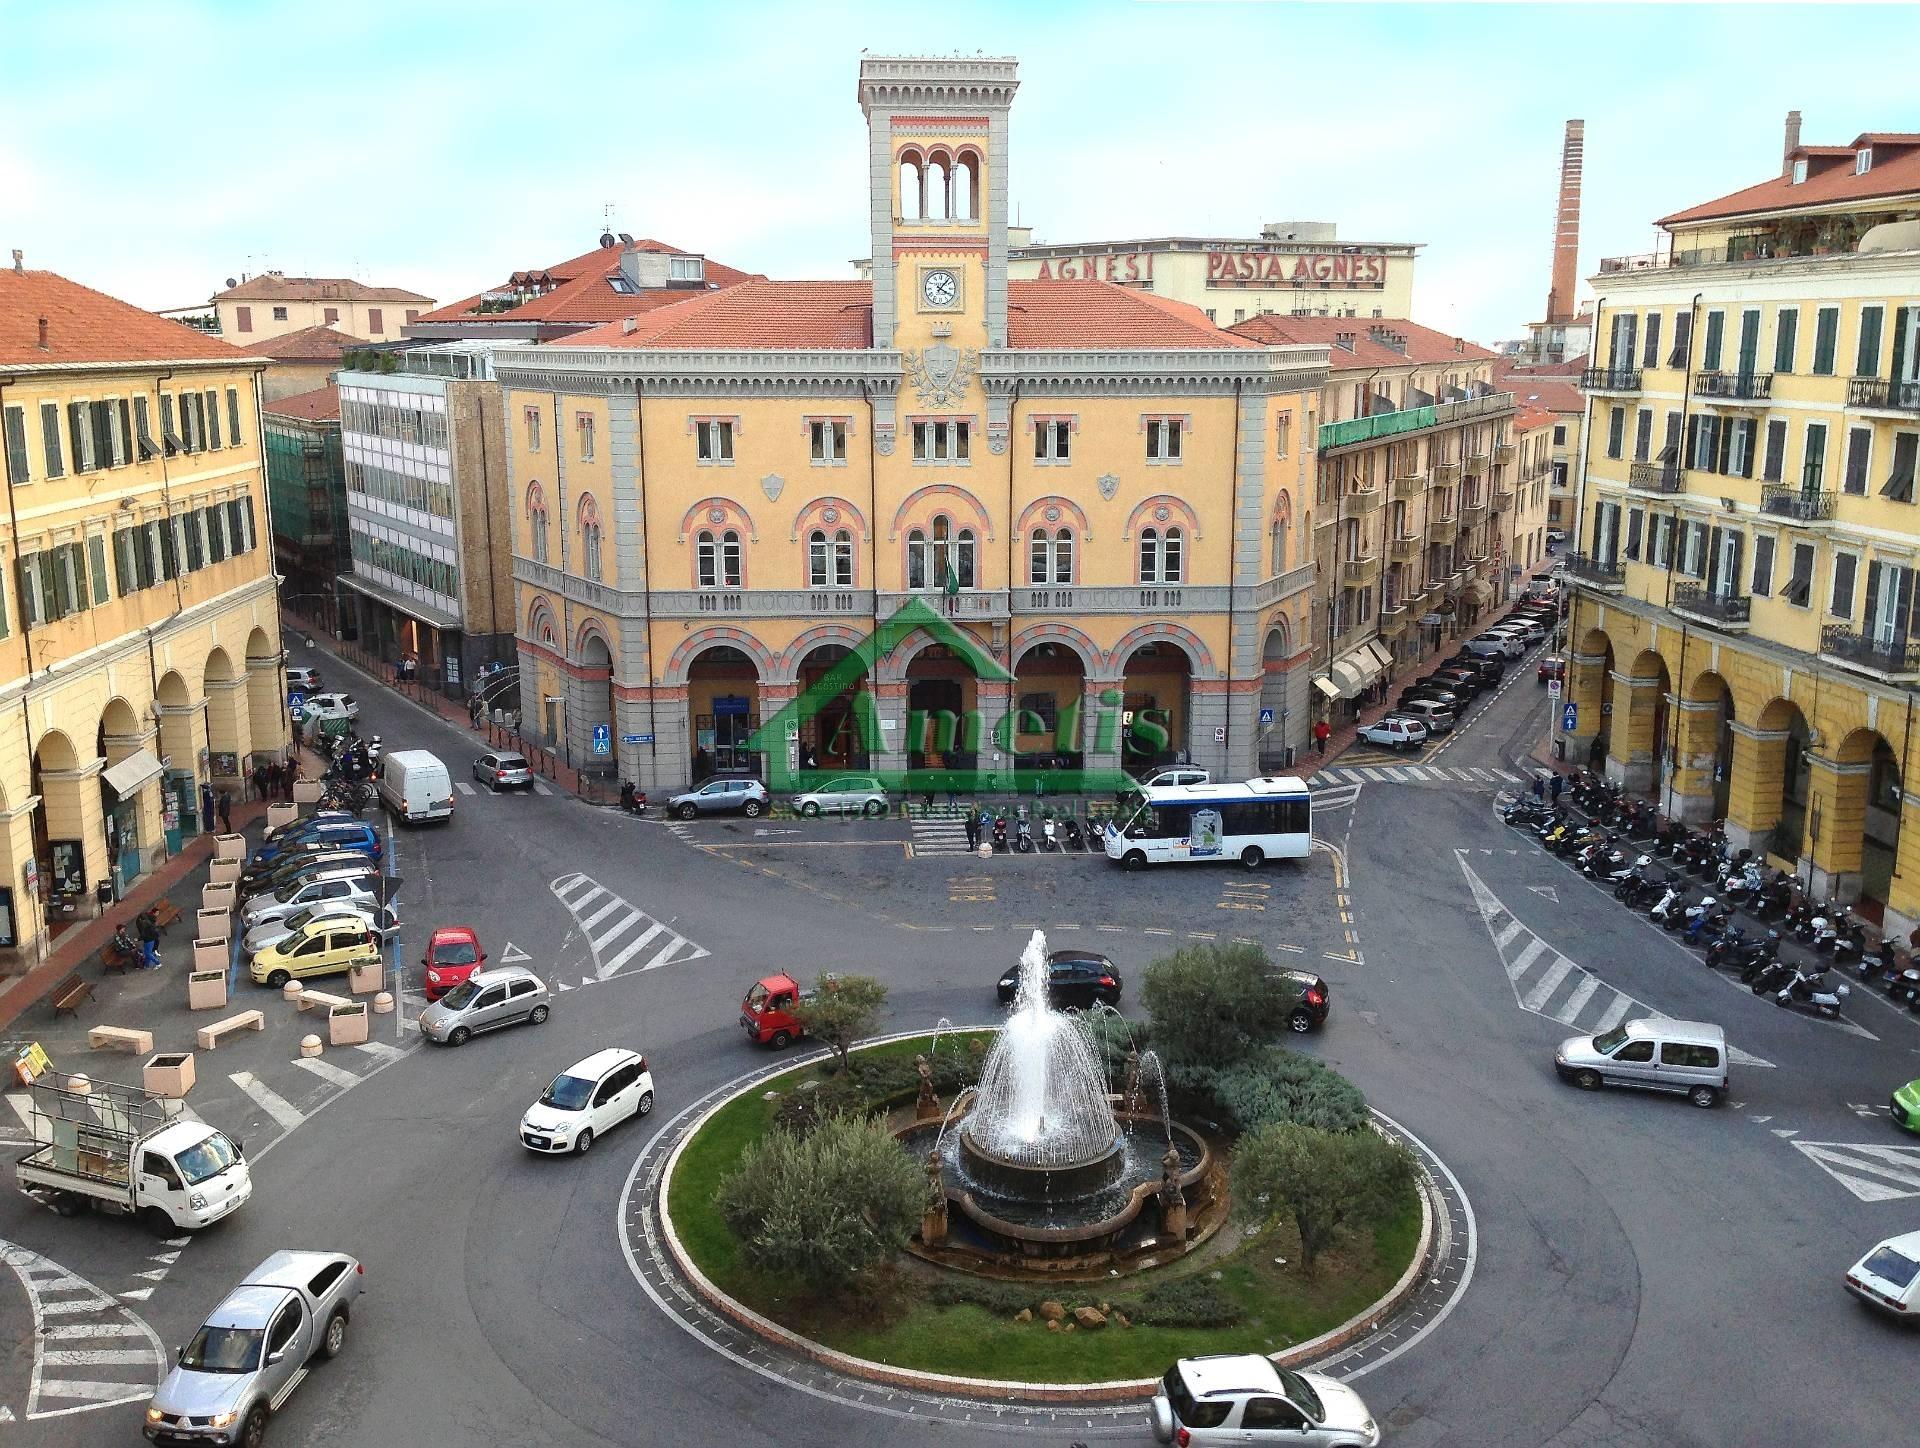 Negozio / Locale in vendita a Imperia, 3 locali, zona Località: Onegliacentro, prezzo € 120.000 | CambioCasa.it